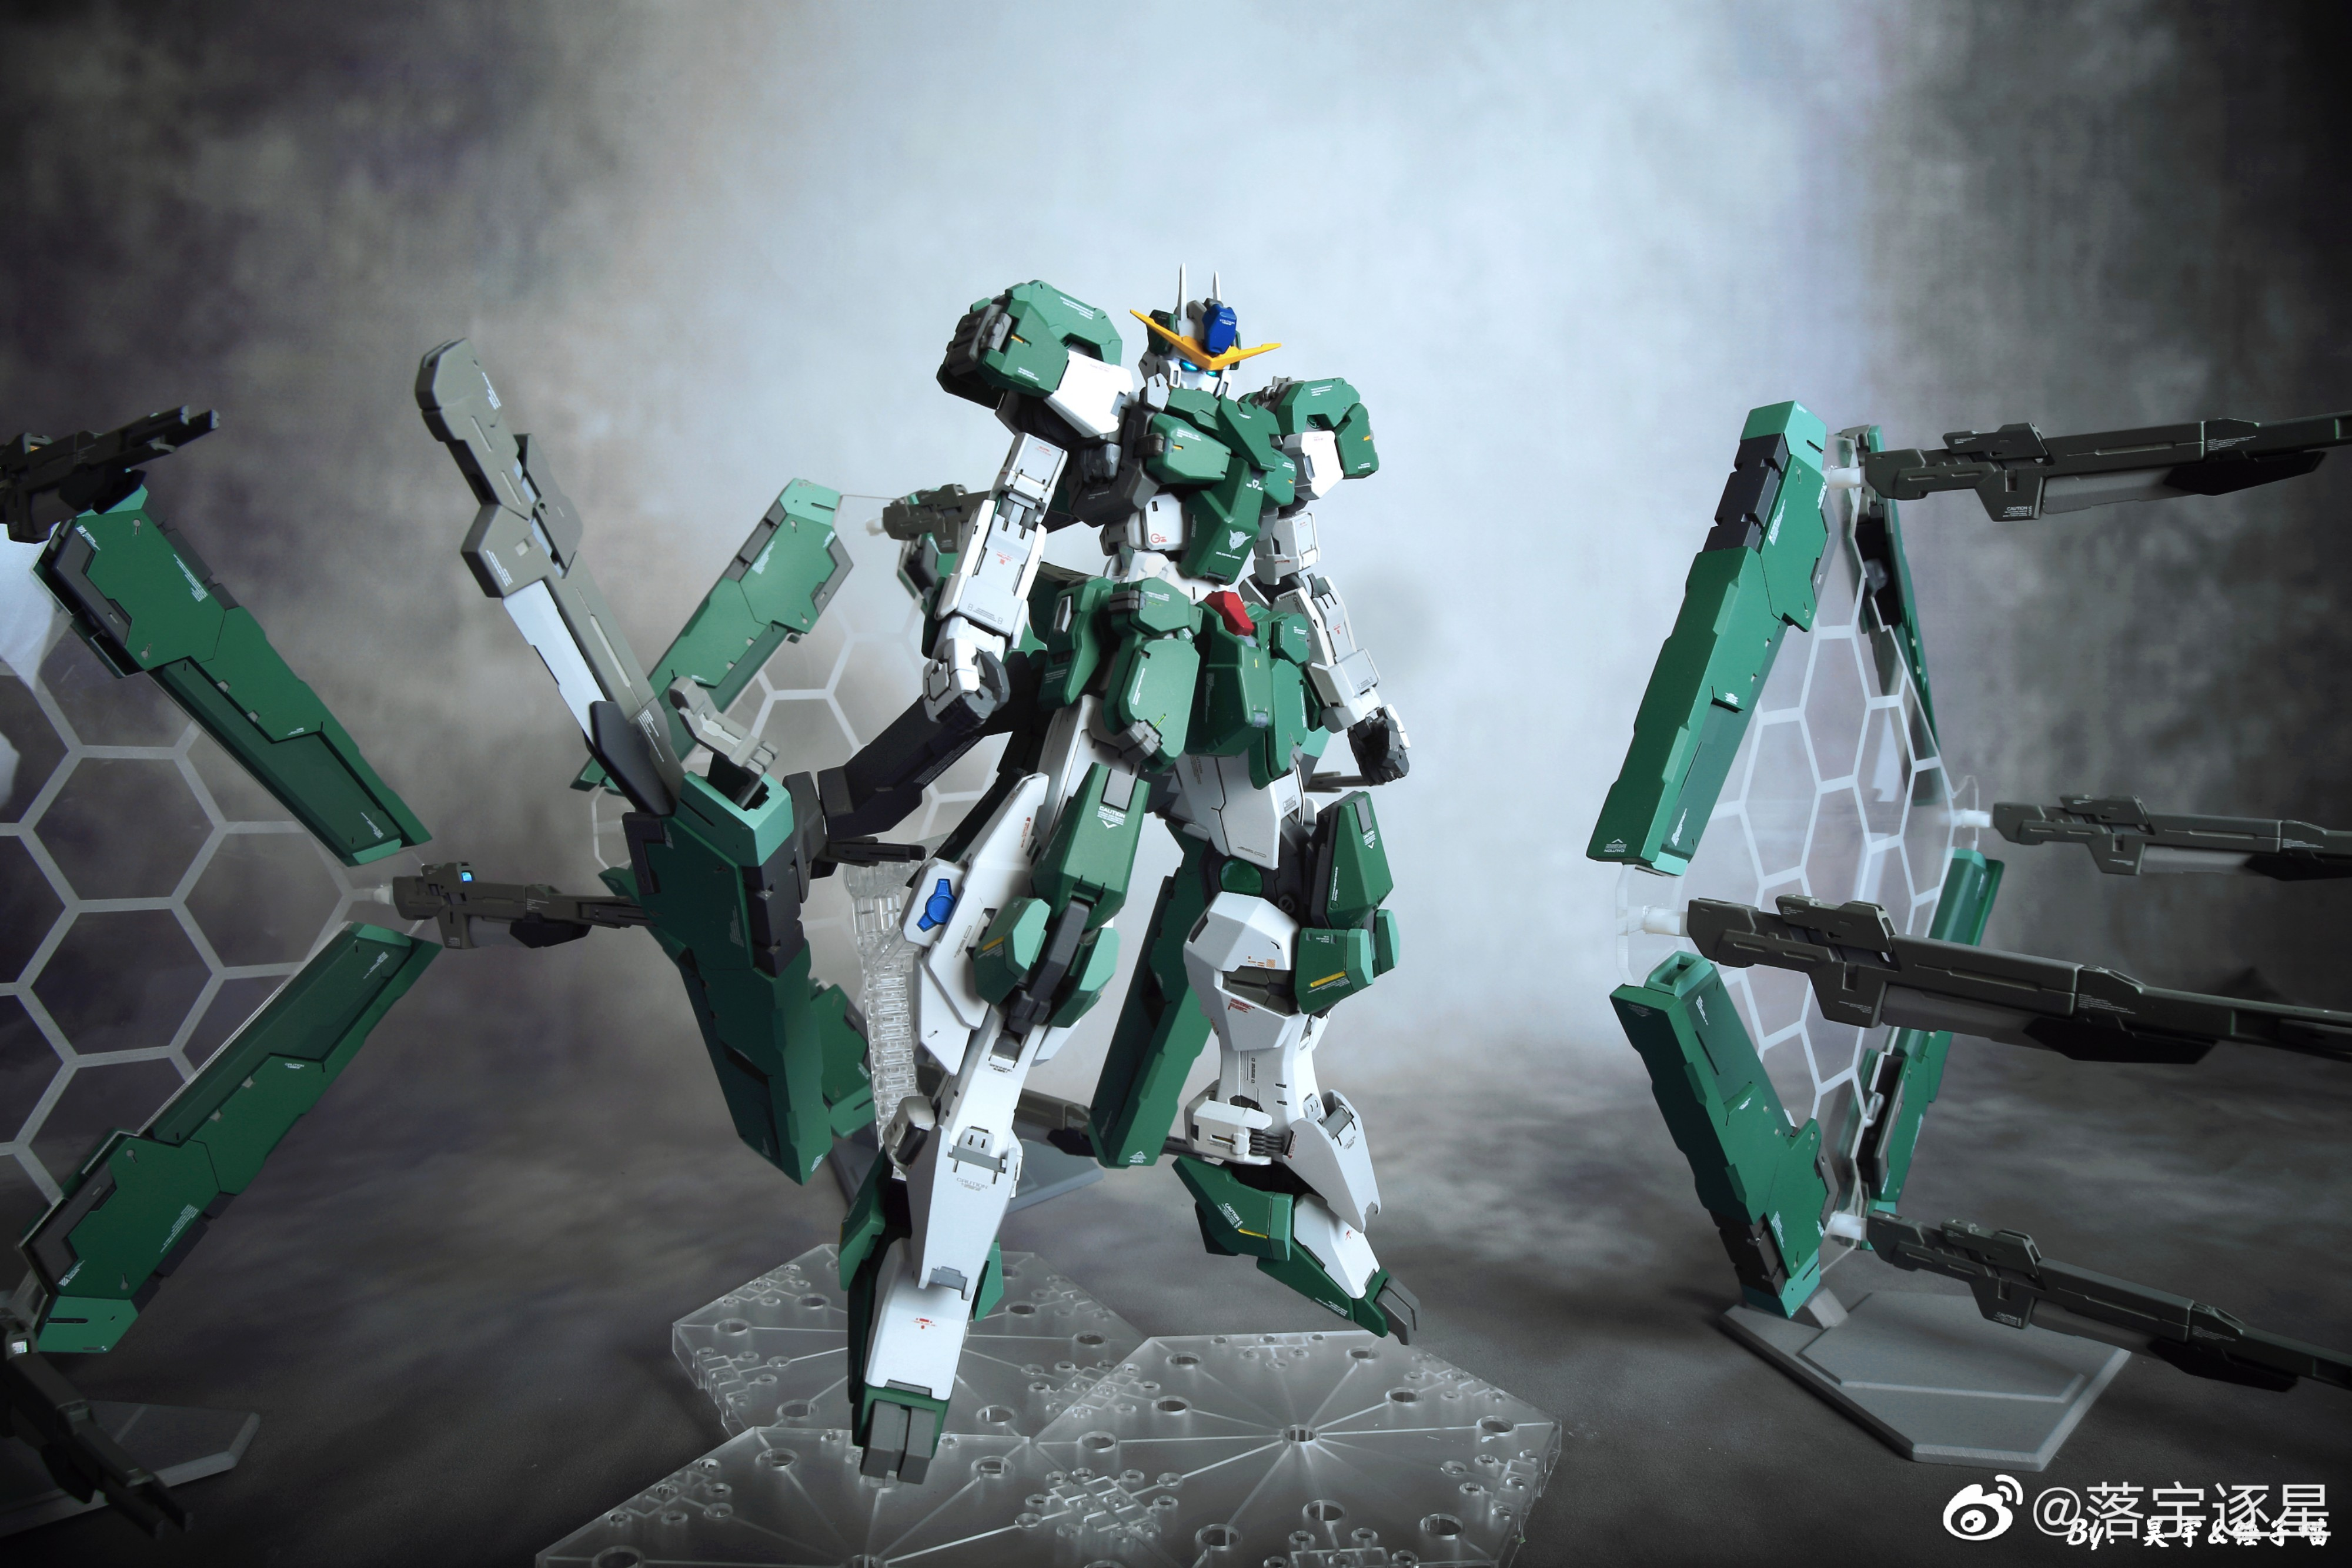 G652_3_GN_010_OO_Gundam_Zabanya_009.jpg